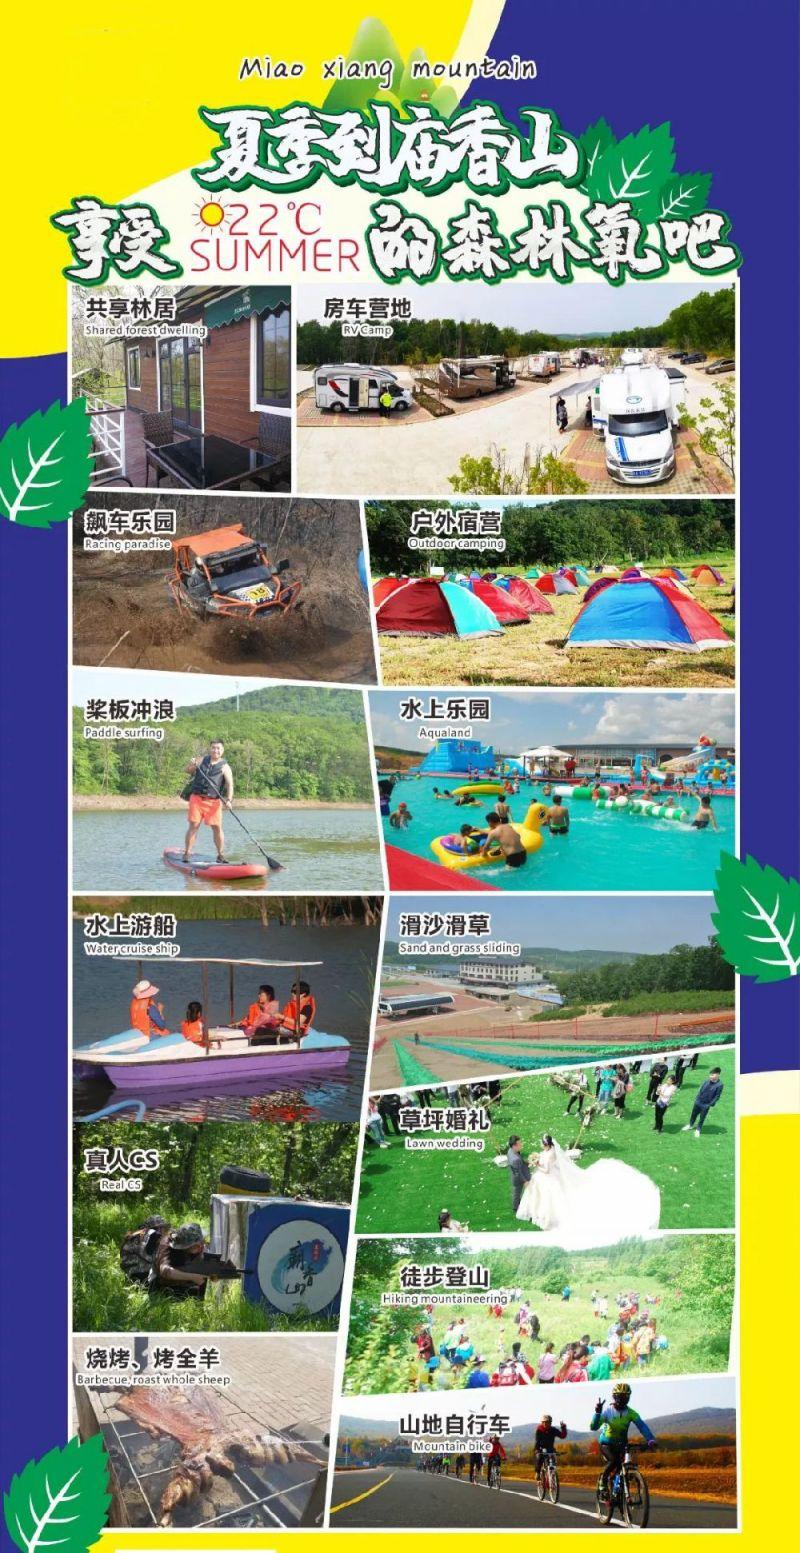 长春庙香山水上乐园7月20日开园 套票仅售98元